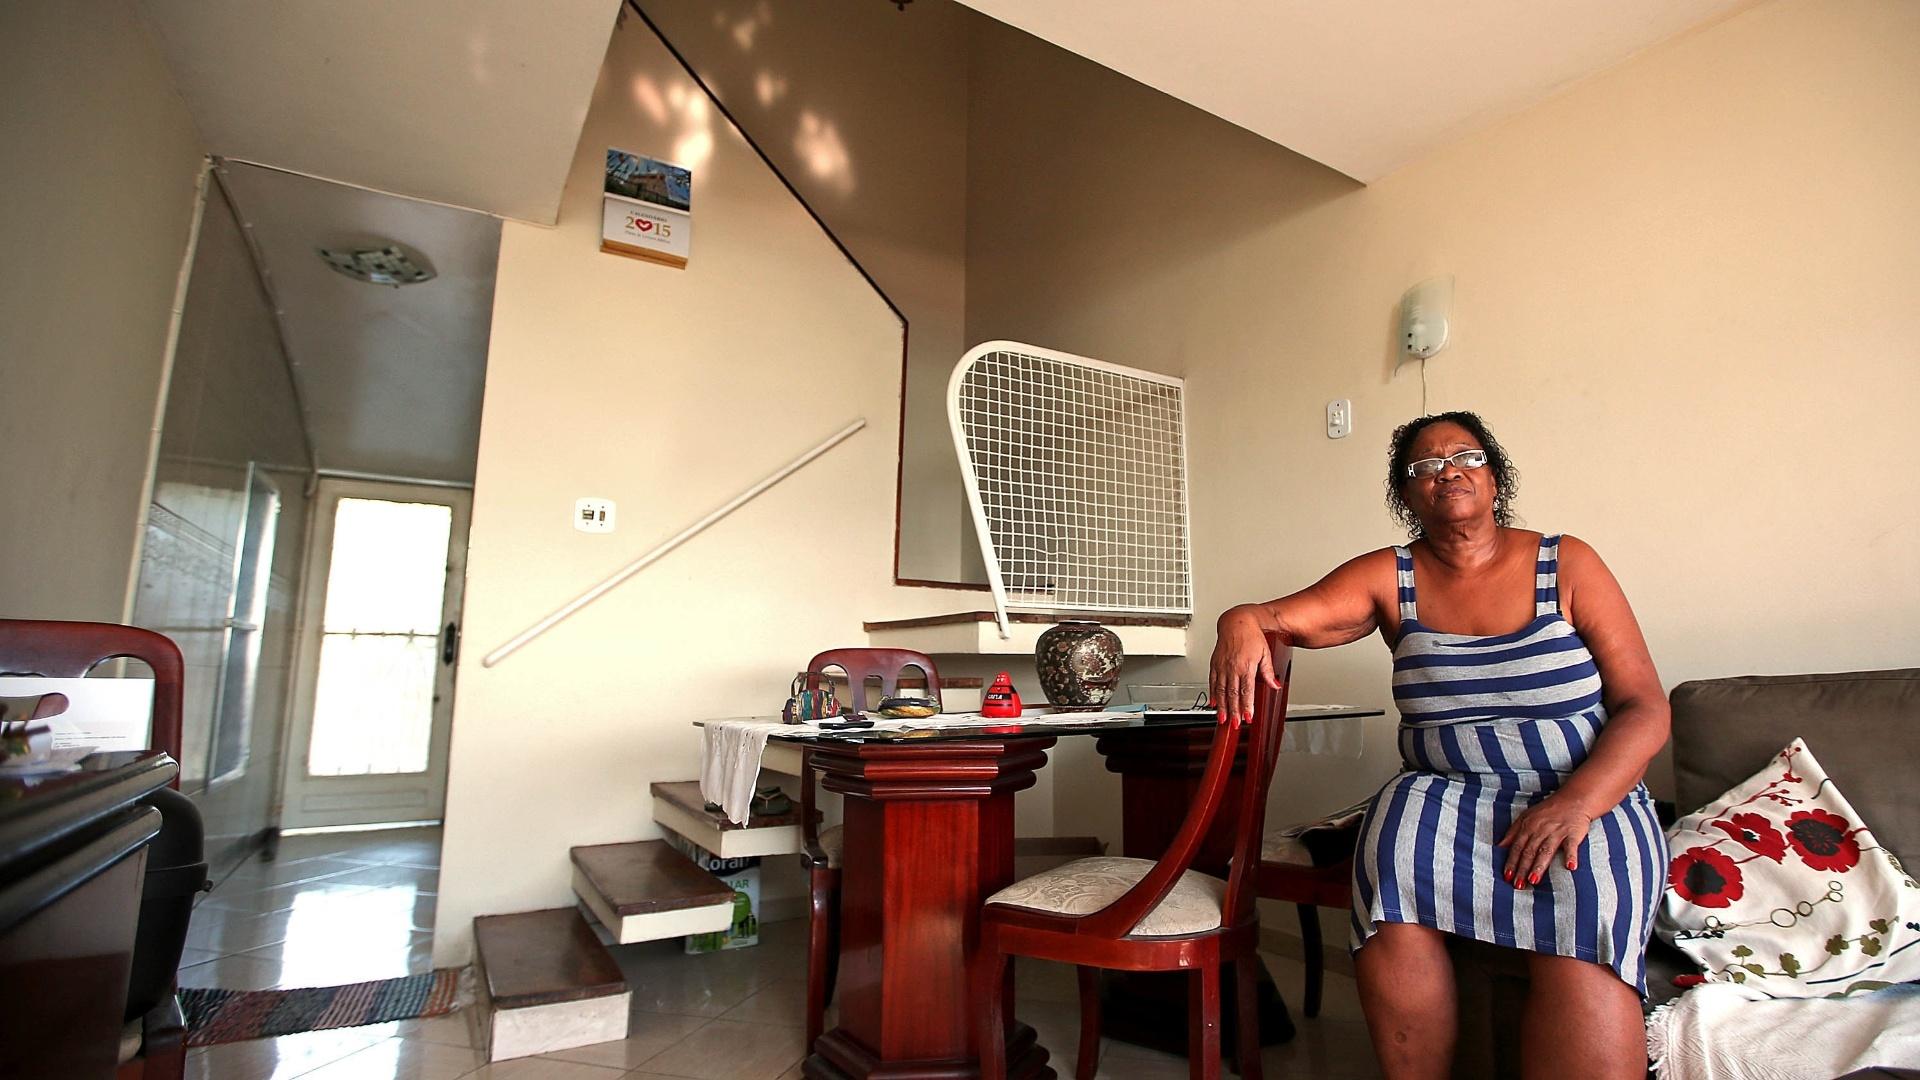 27.mai.2015 - A funcionária pública aposentada Deise Neves, 64, foi morar no conjunto Pedregulho com os pais e três irmãos em 1962. Hoje, mora sozinha em um duplex de dois quartos, mas já chegou a morar em outros dois apartamentos no prédio. A mãe, que tem 88 anos, mora no sexto andar, com duas filhas e duas netas